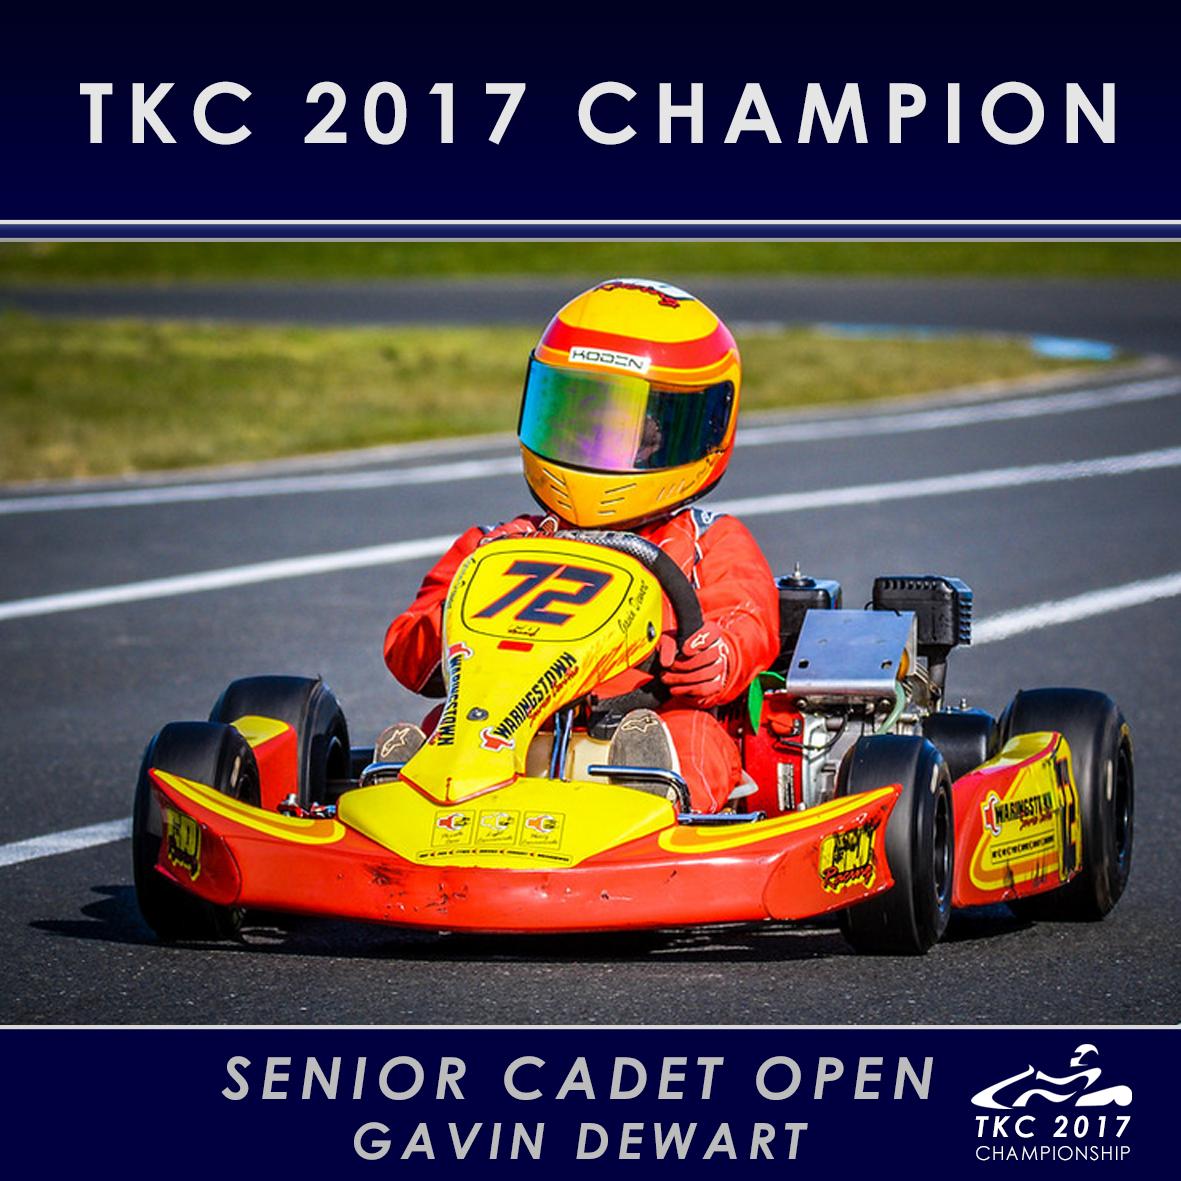 Sr Cadet Open - Gavin Dewart